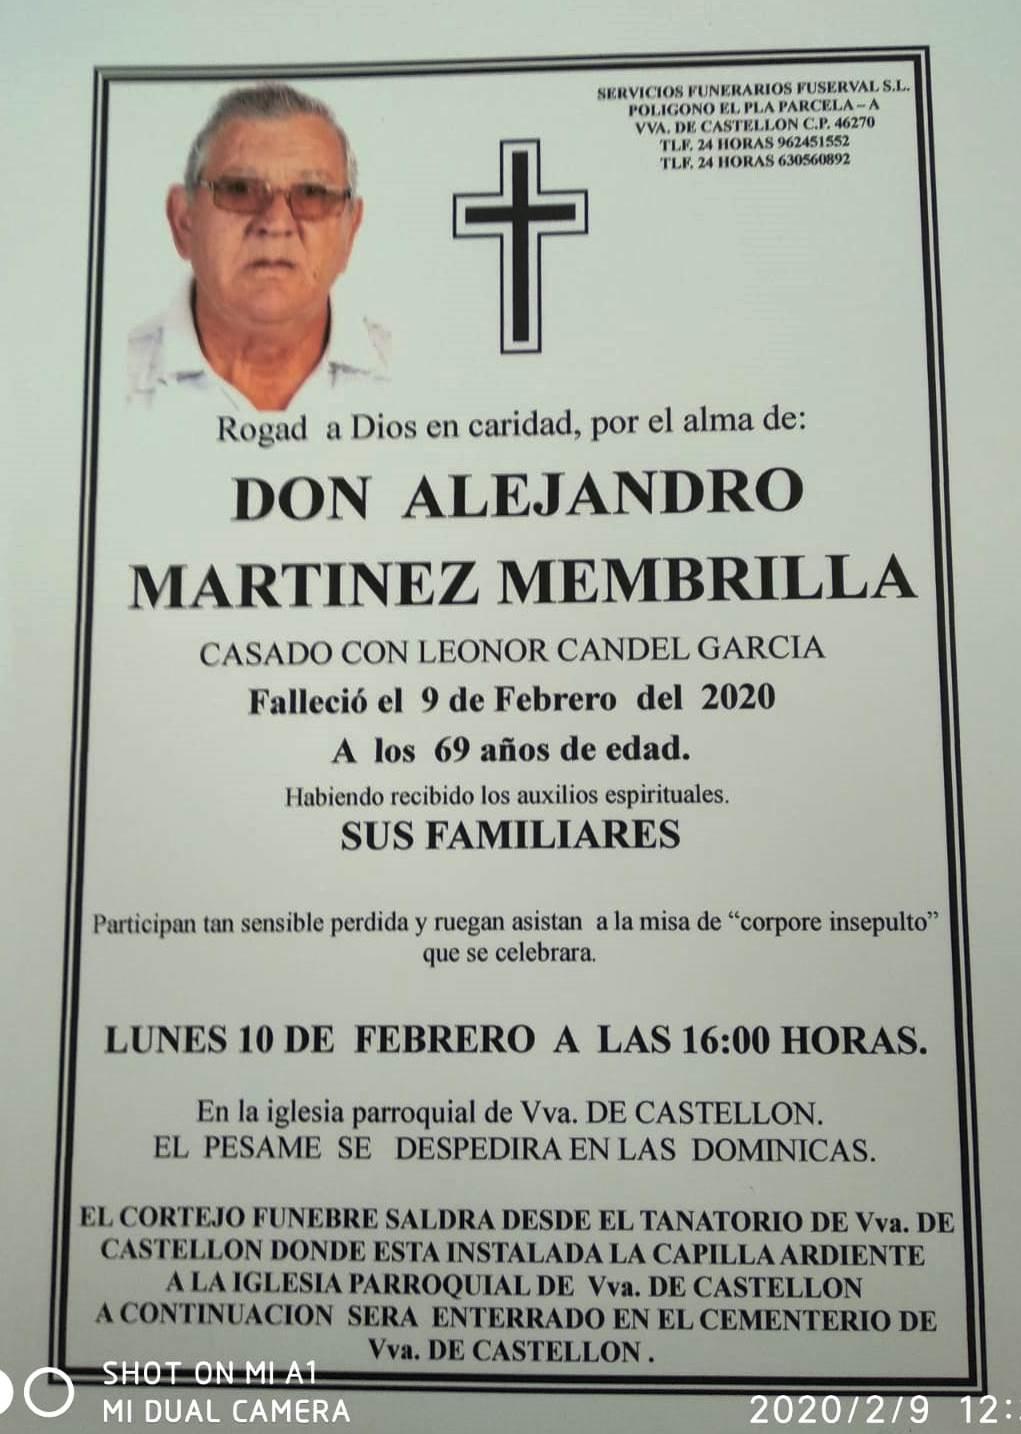 ALEJANDRO MARTINEZ MEMBRILLA